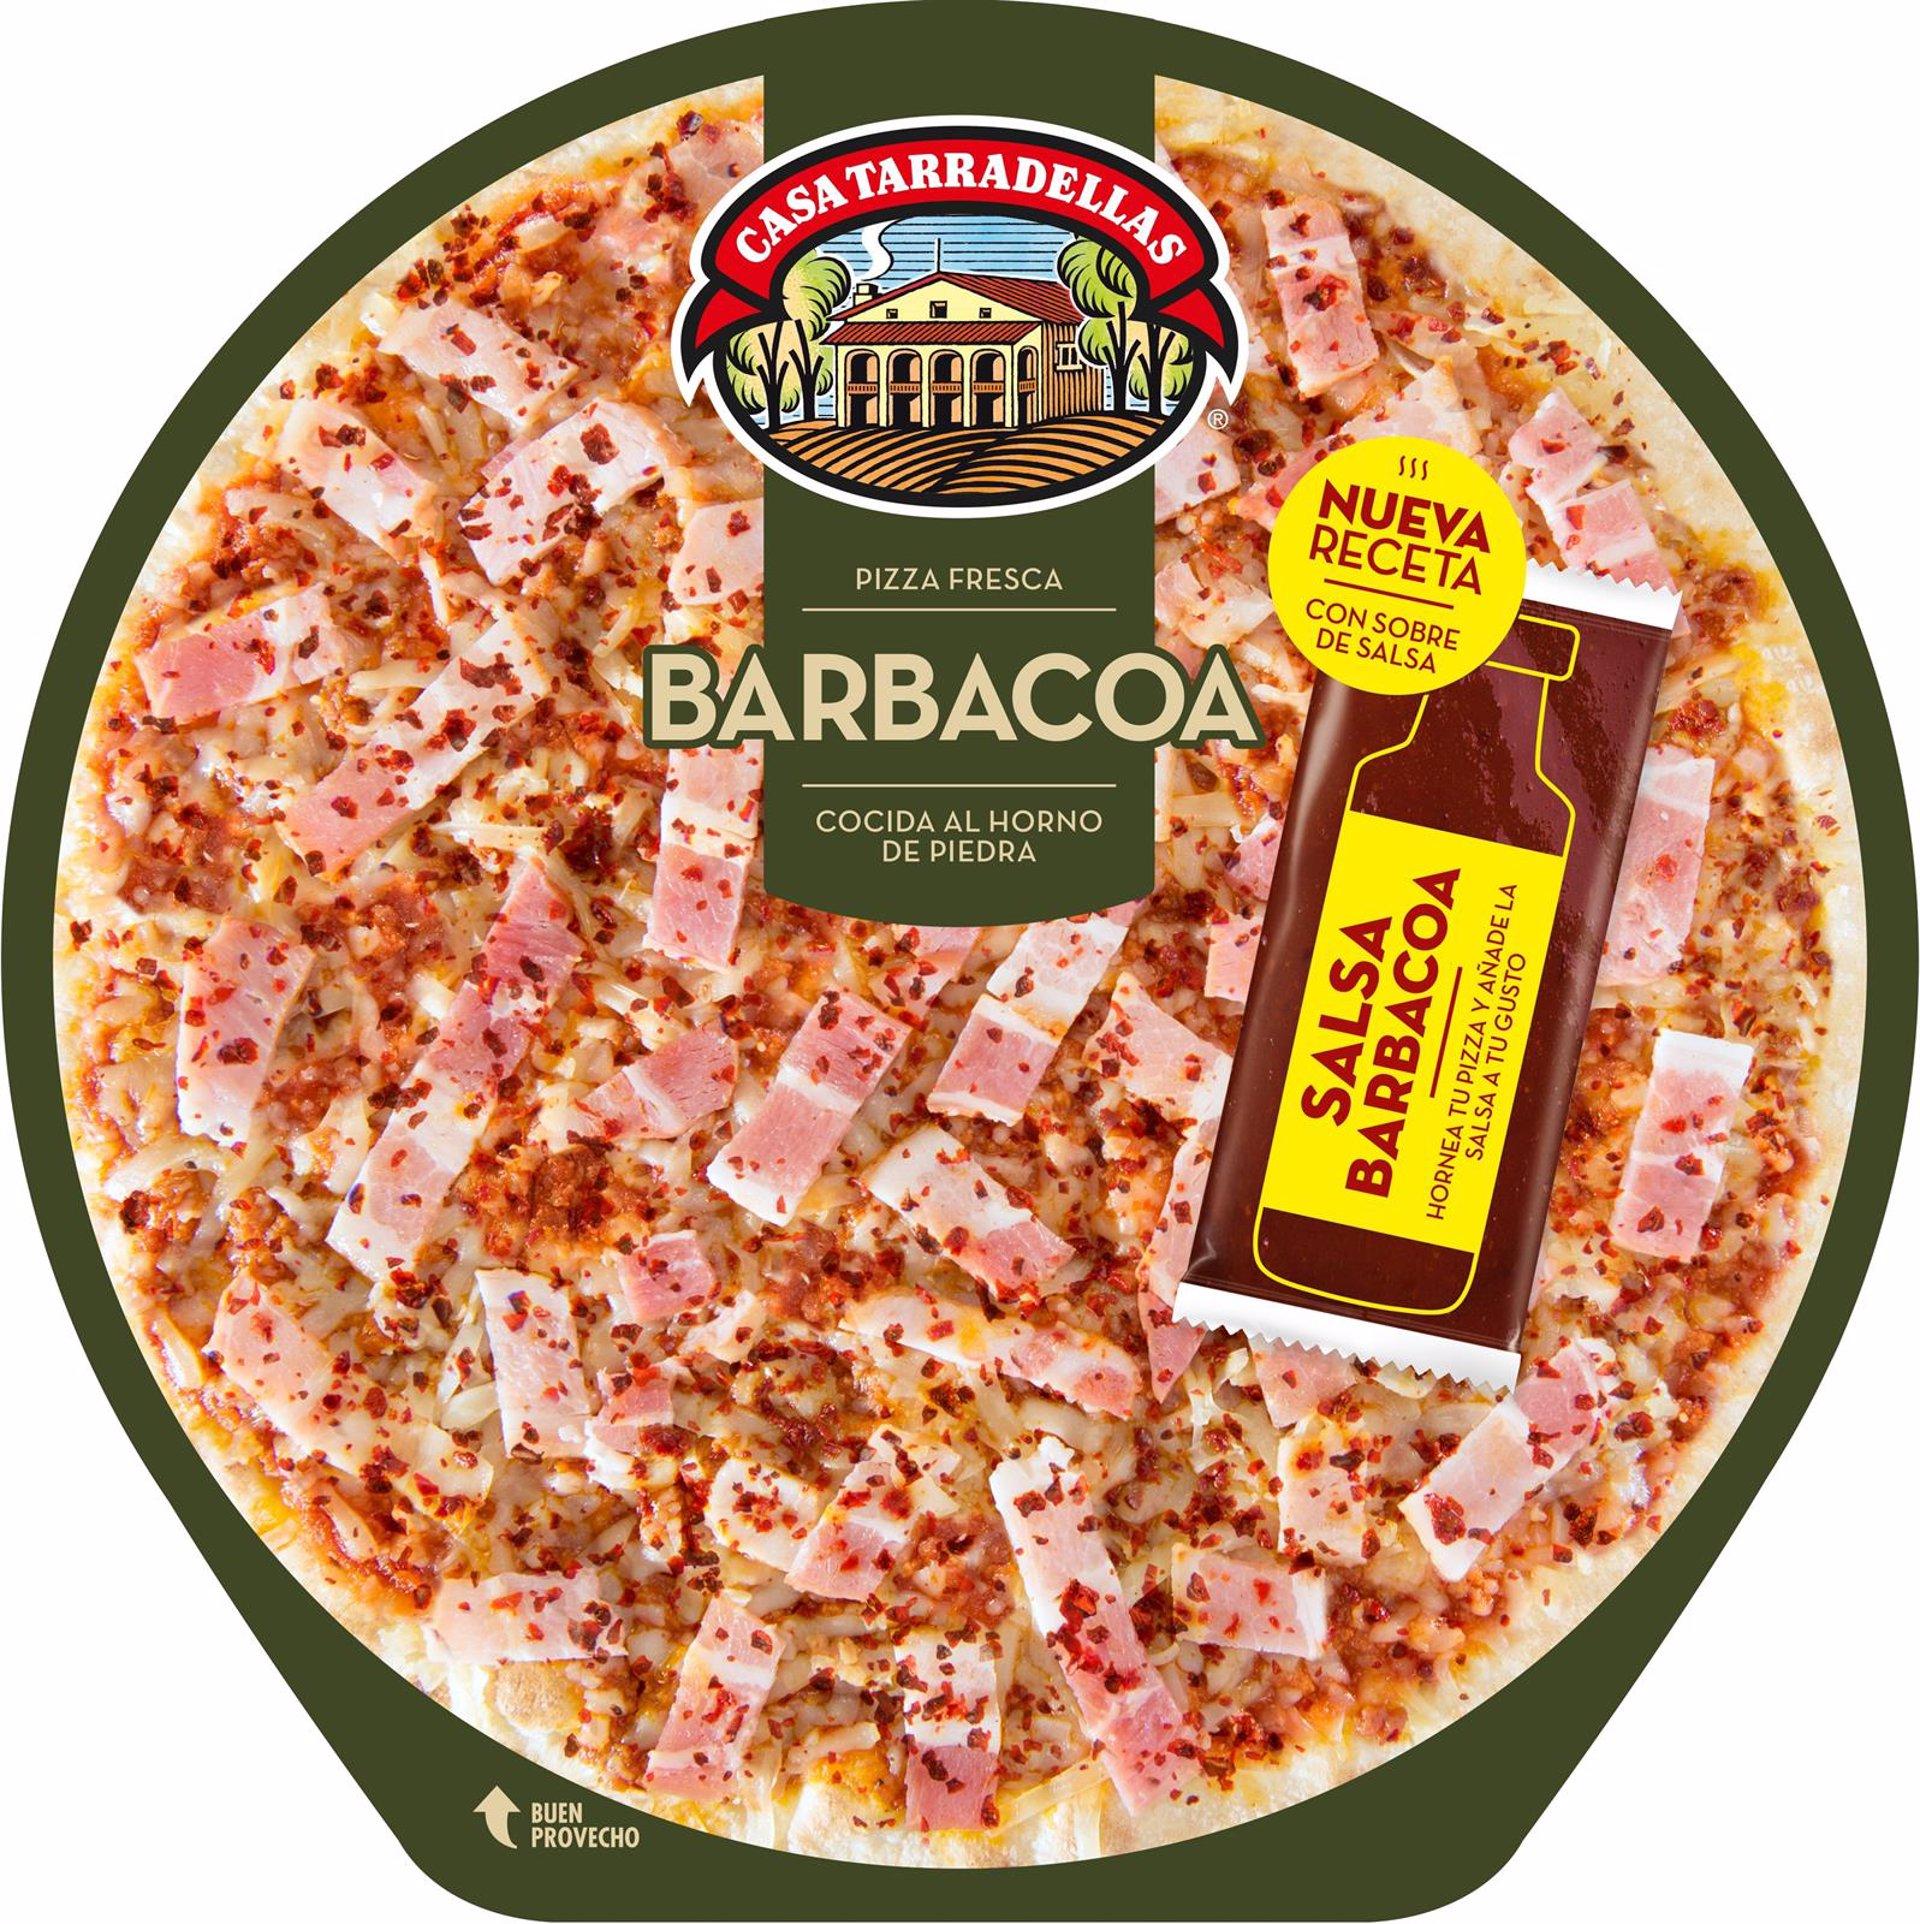 Receta de pizza a la barbacoa